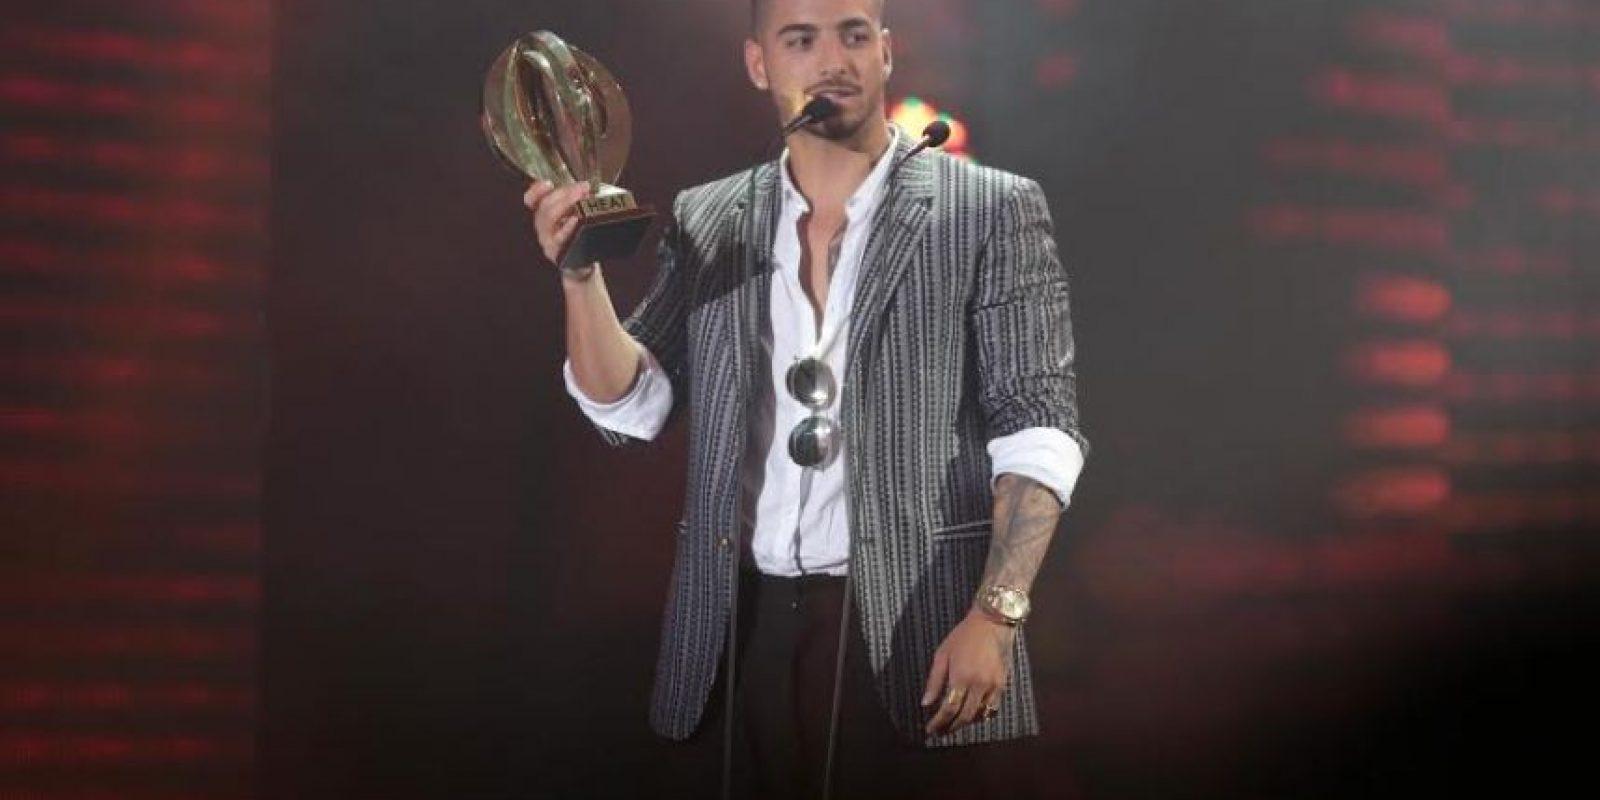 El cantante colombiano Maluma recibe premio /Roberto Guzmán